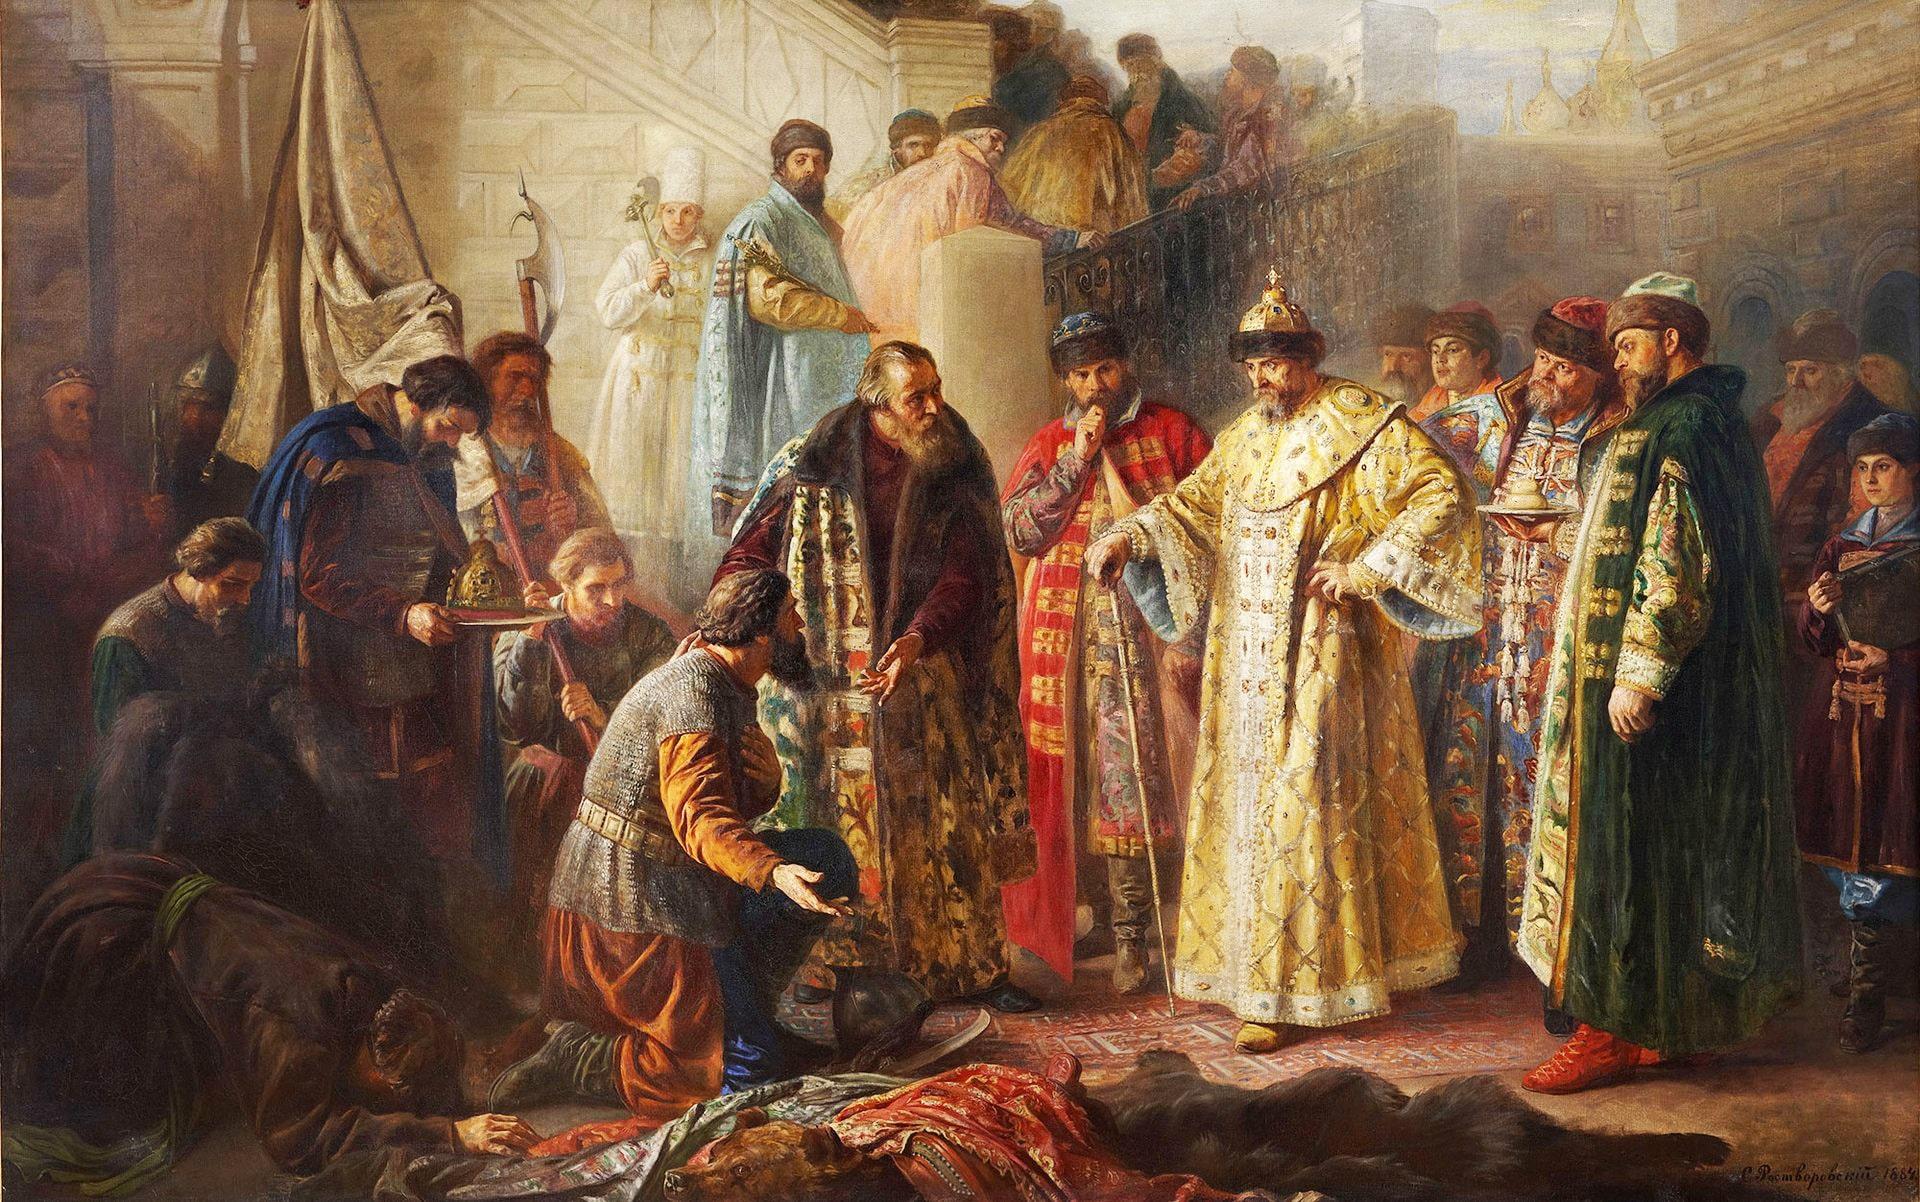 Poslanniki-ot-Ermaka-na-krasnom-kryiltse-pered-Ivanom-Groznyim